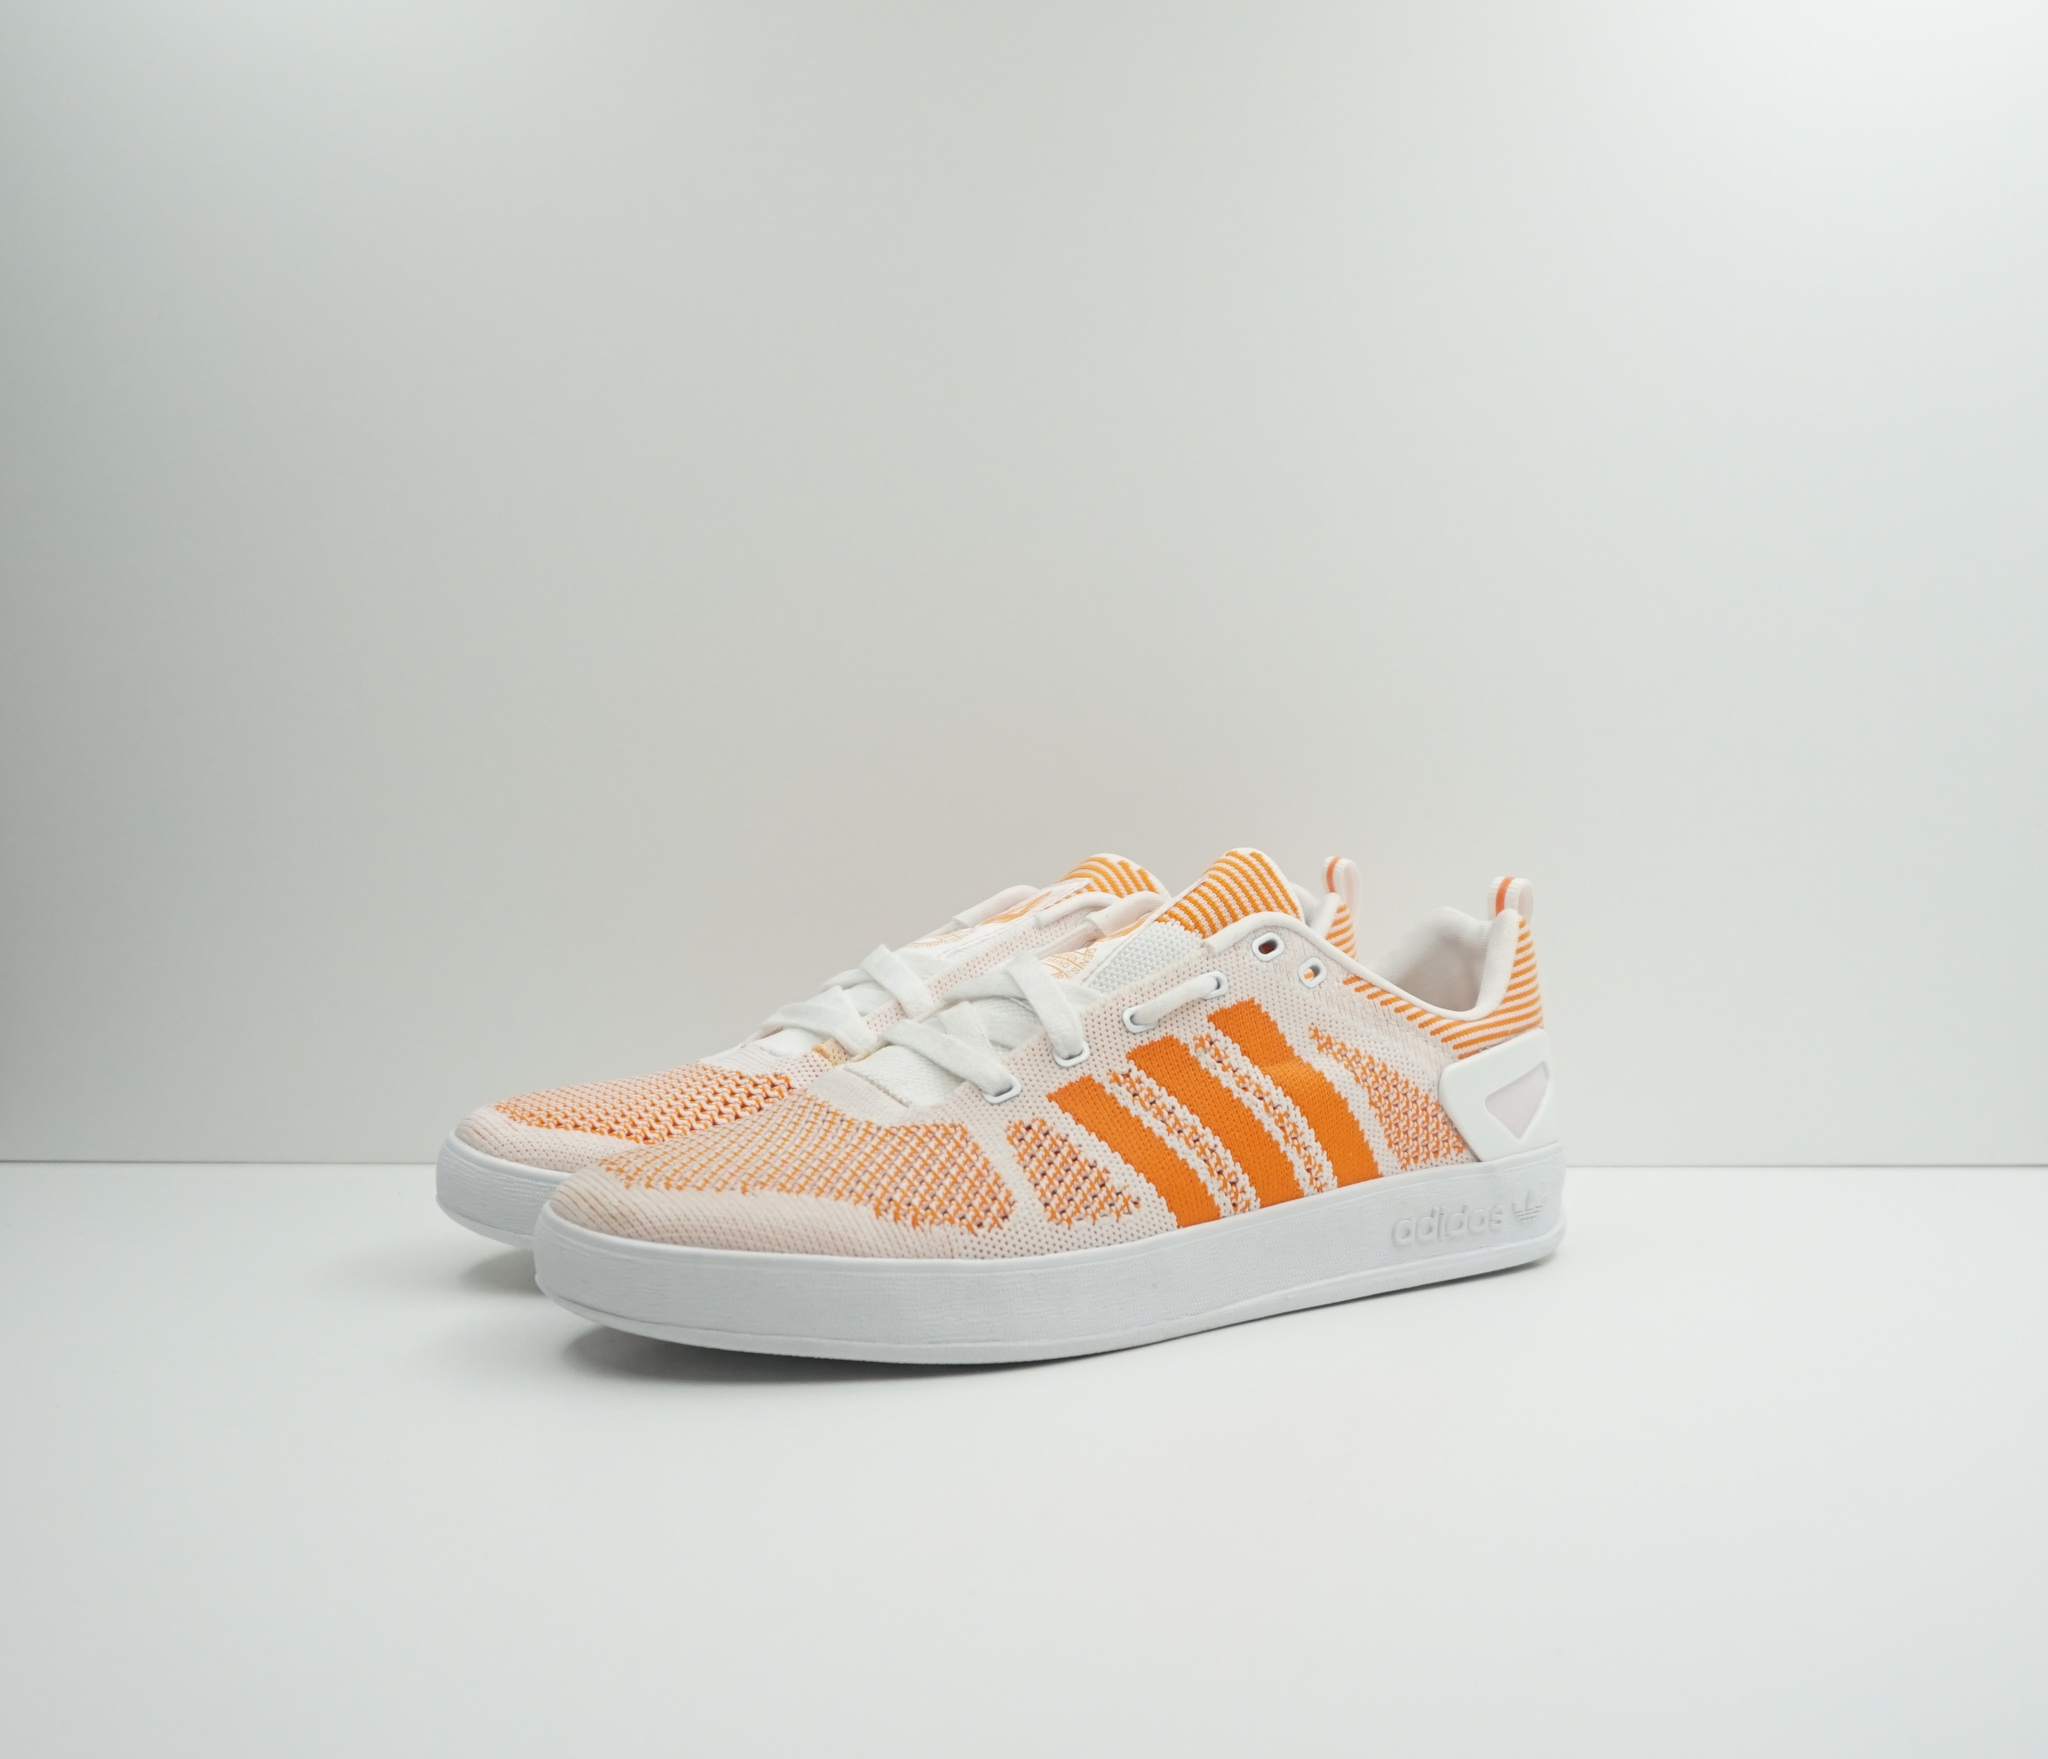 Adidas Palace Pro Primeknit